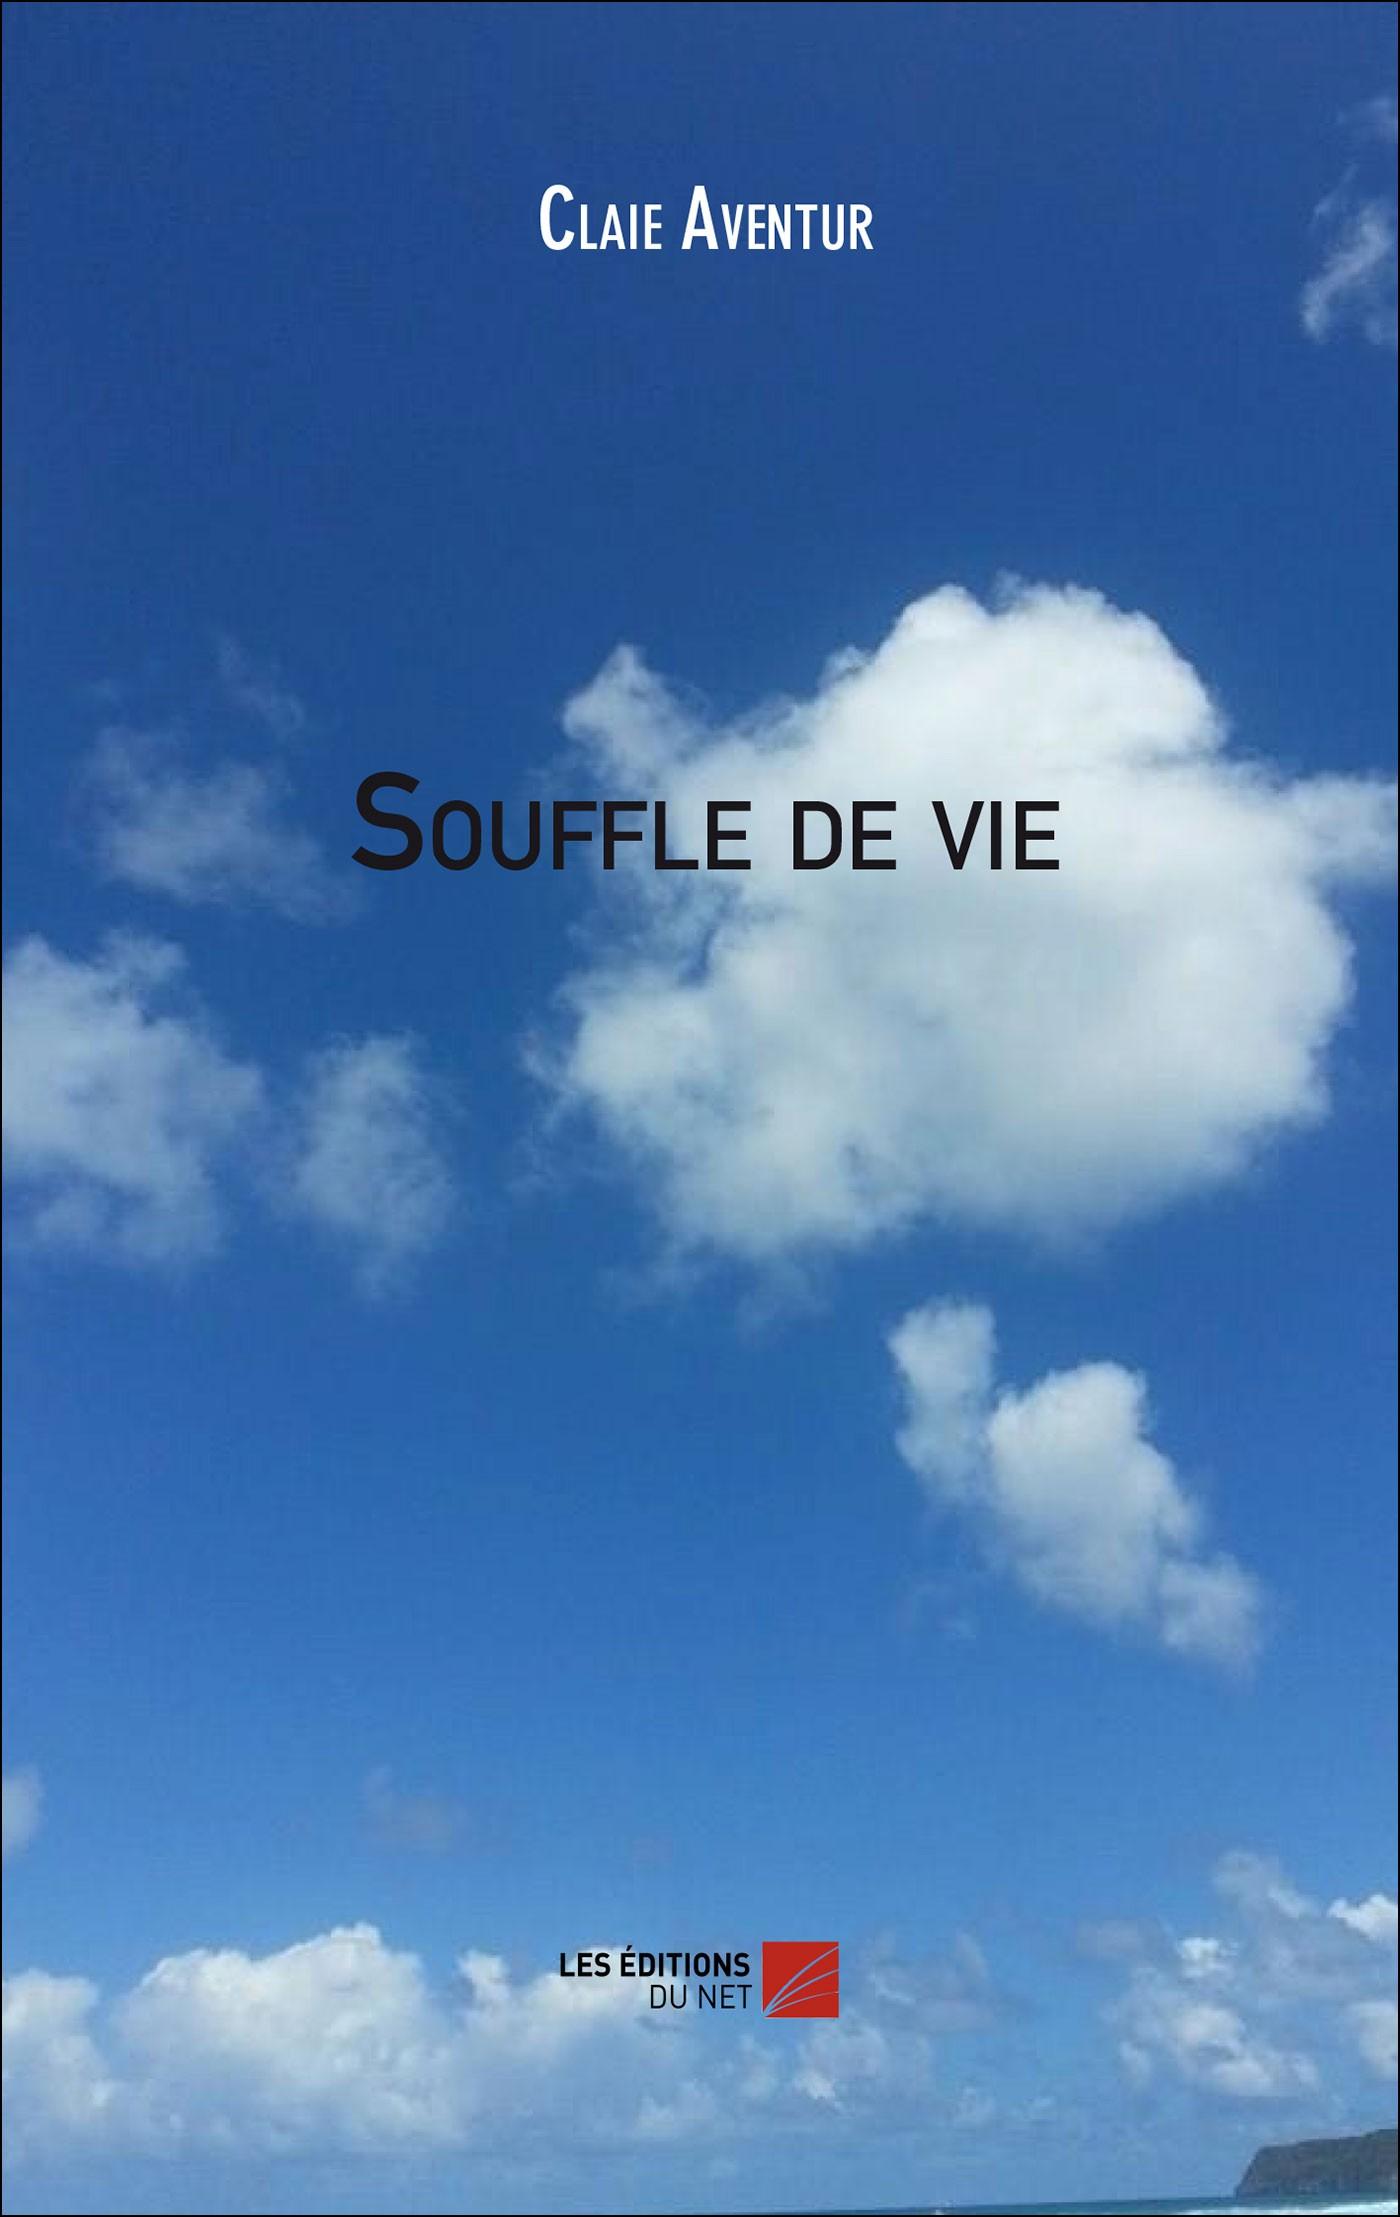 souffle-de-vie